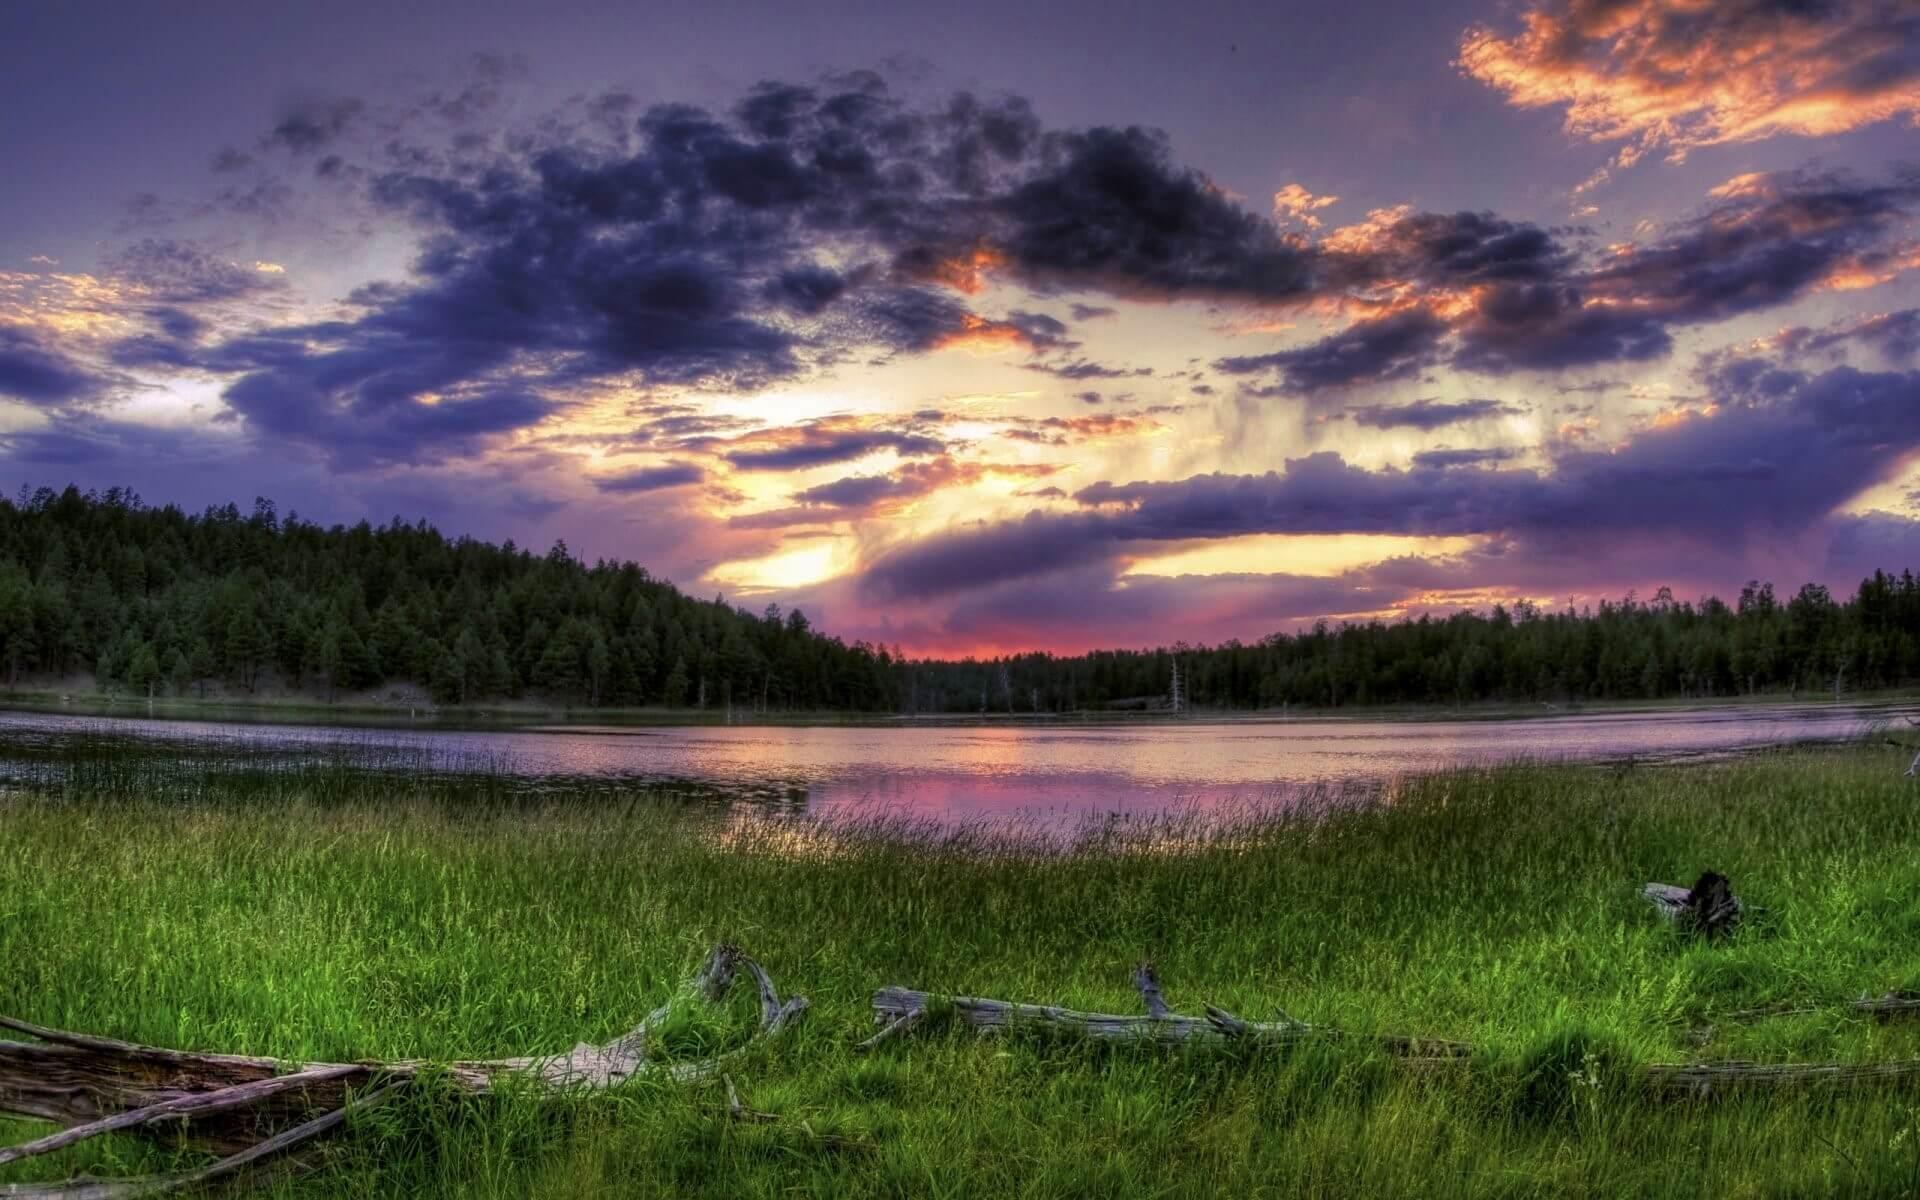 hình ảnh mặt trời mọc chào ngày mới - Good Morning số 25